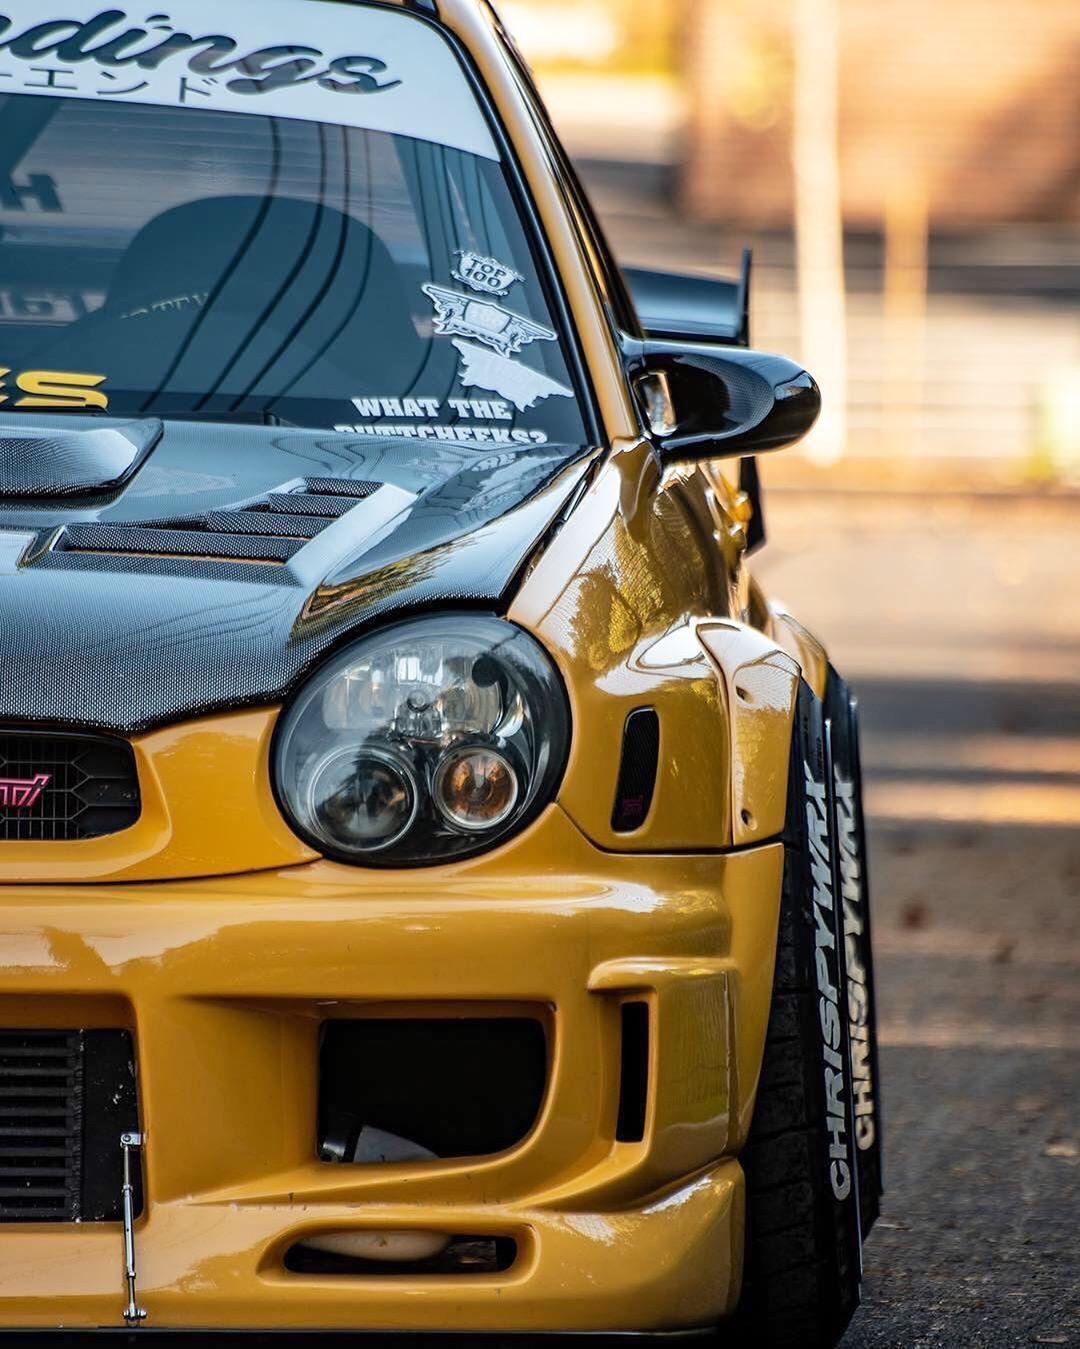 La Imagen Puede Contener Automovil Subaru Wrx Wagon Subaru Cars